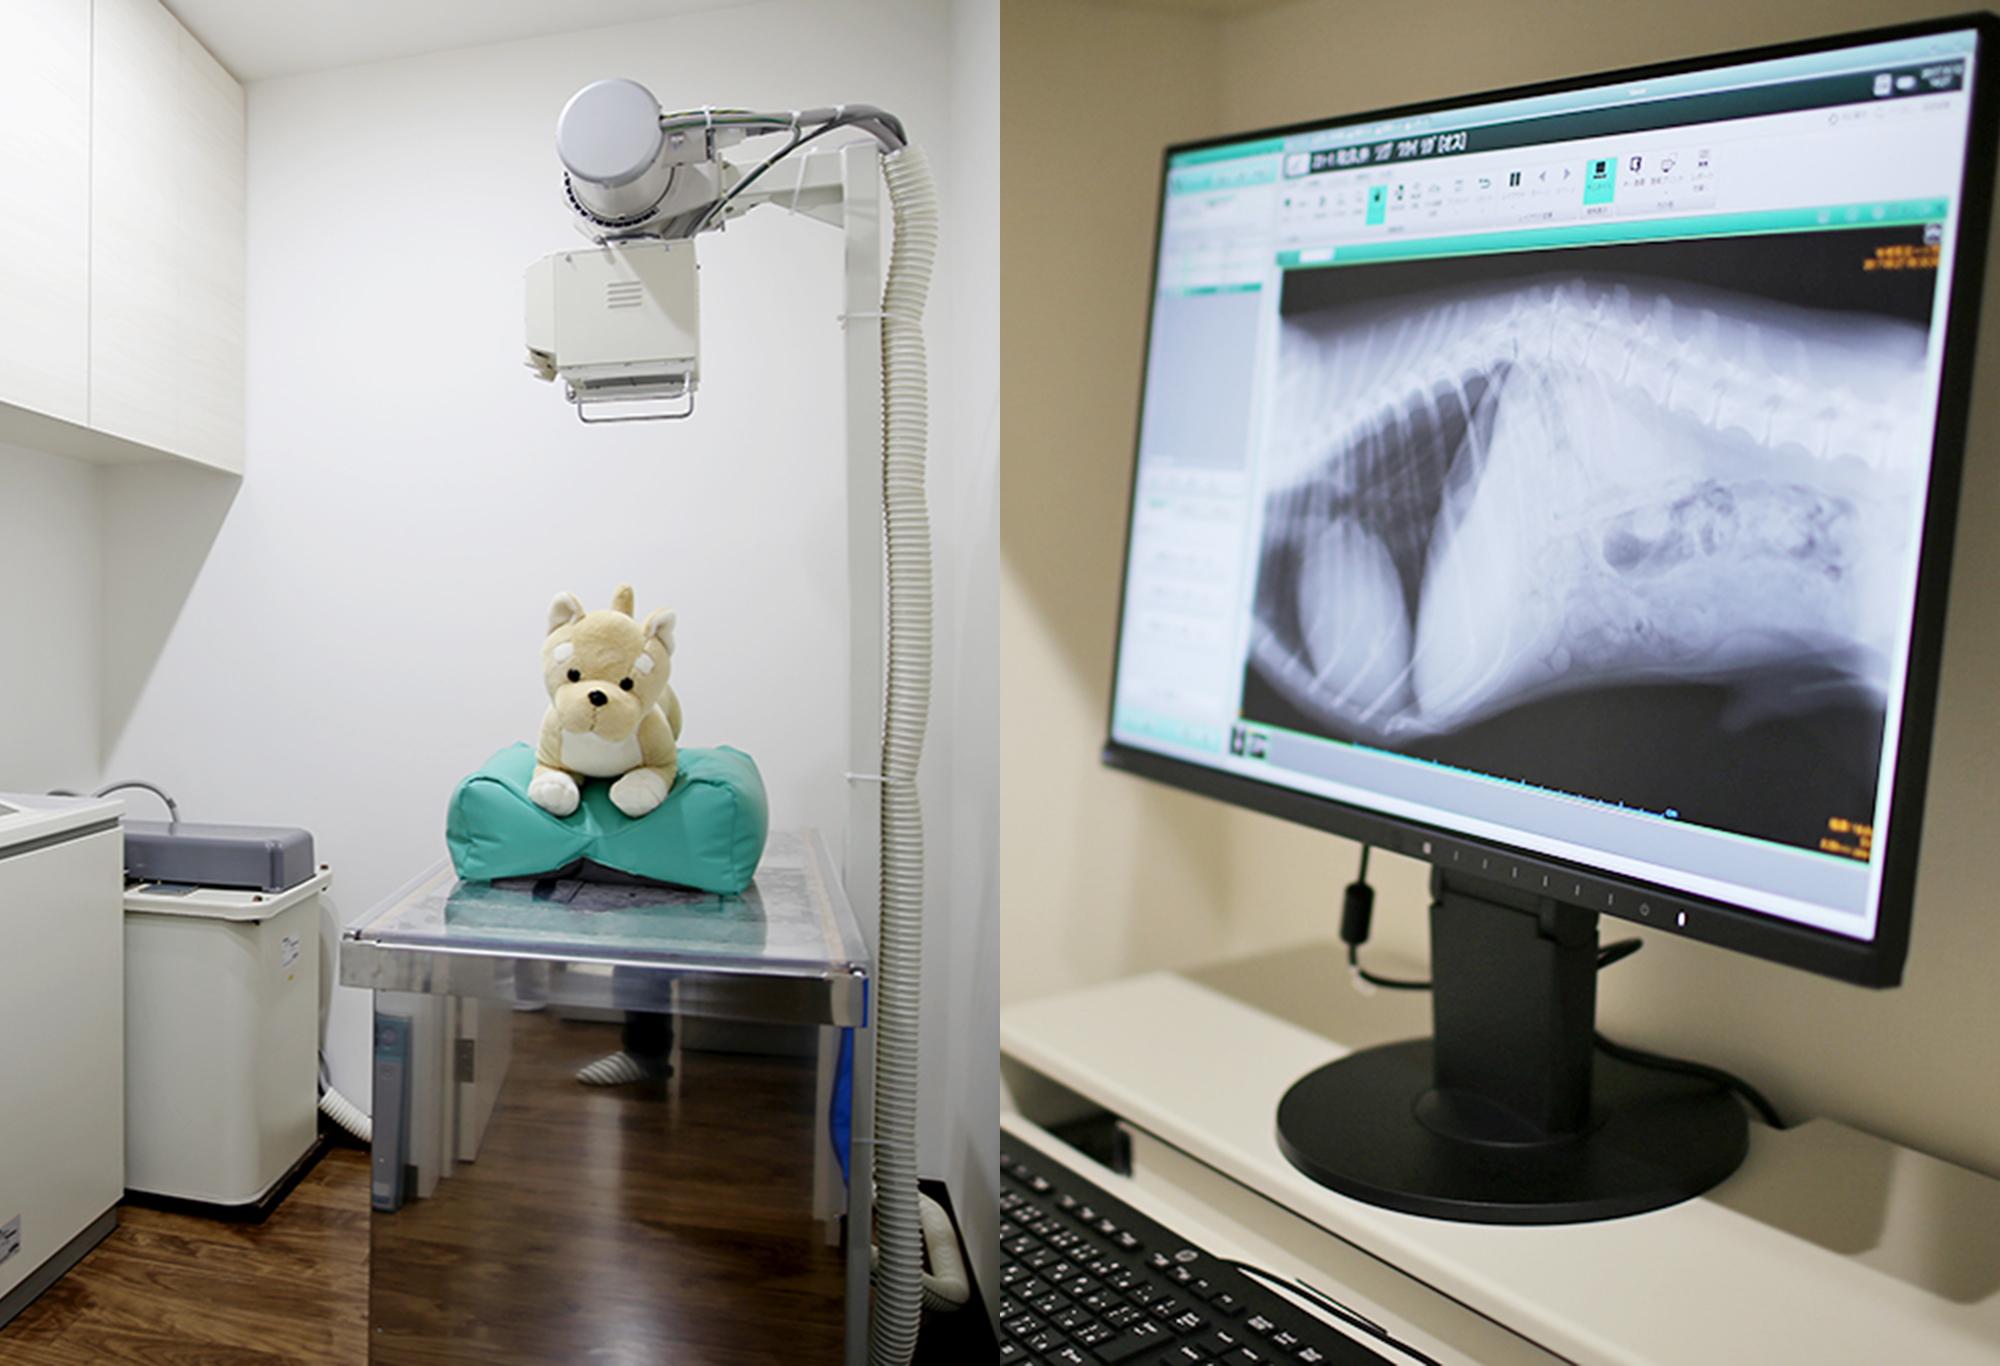 【デジタルレントゲン】<br /> コンピュータに映し出され、詳細な診断が可能です。内容はすべて電子カルテに記録されます。